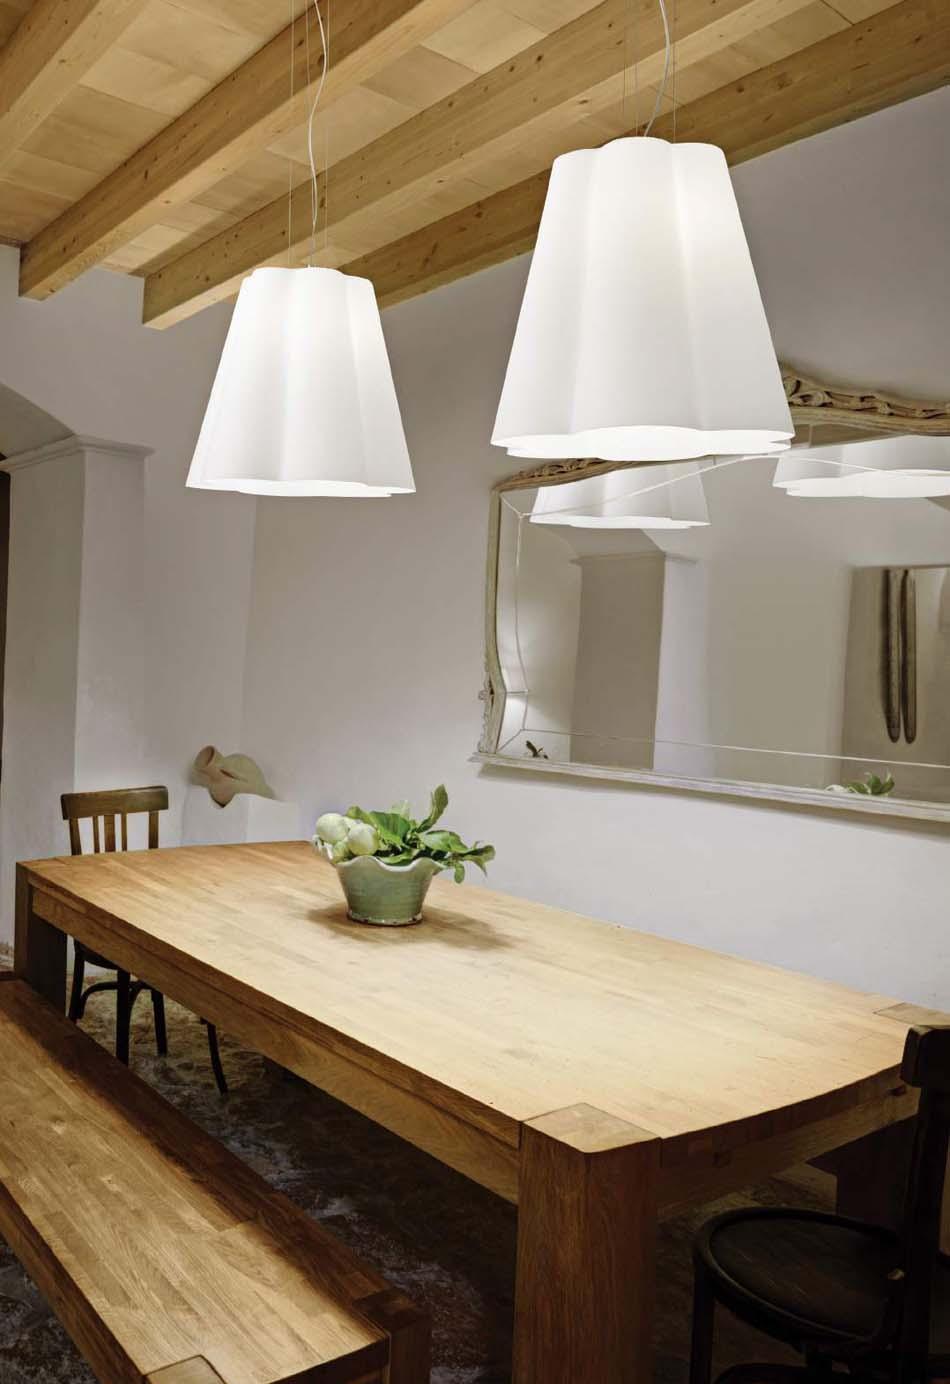 Lampade sospensione Ideal Lux Sesto – Bruni Arredamenti